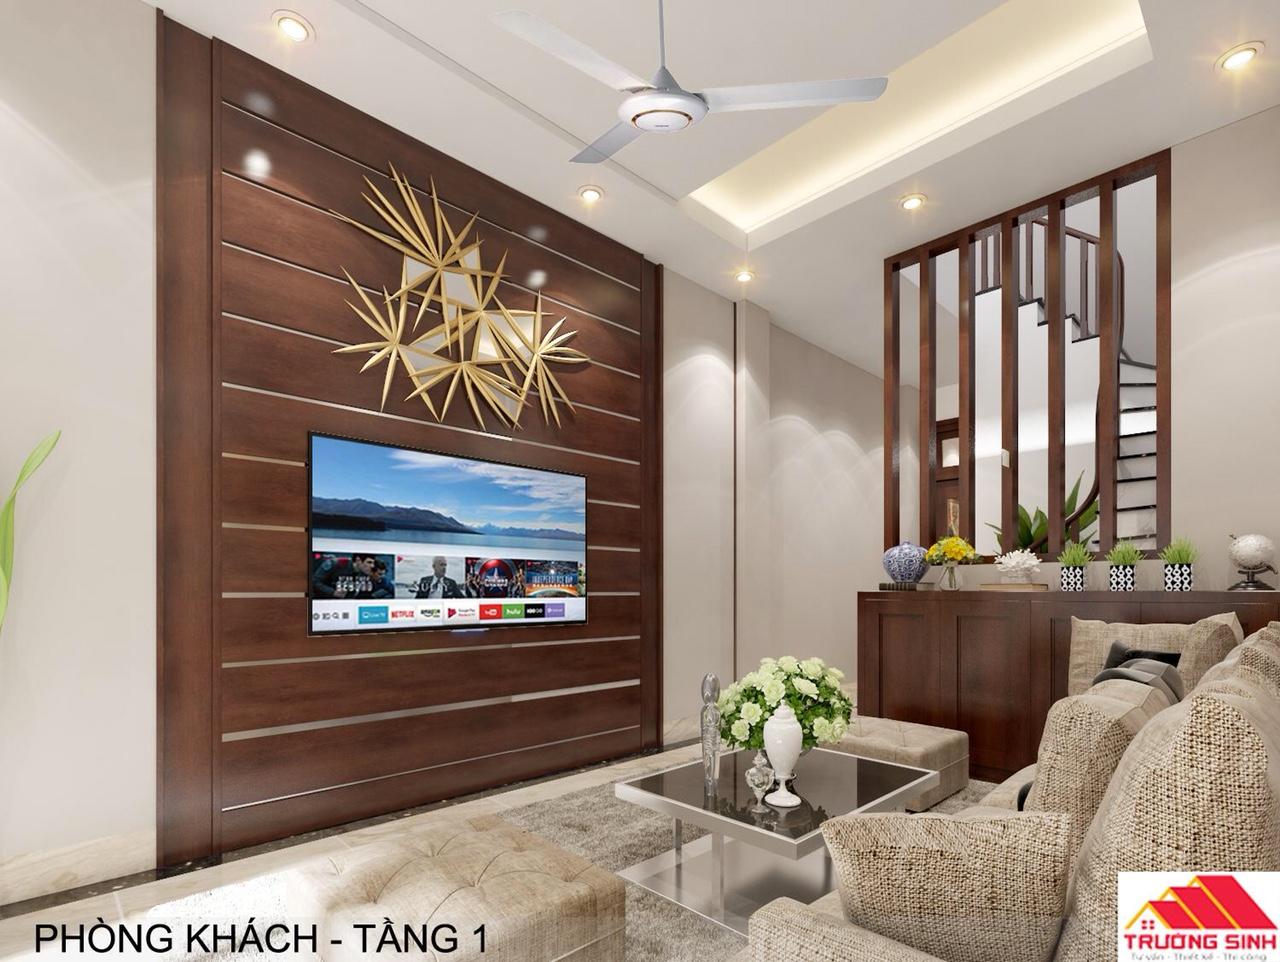 Thiết kế cải tạo sửa chữa nhà chú Thắng tại Ba Đình, Hà Nội-1